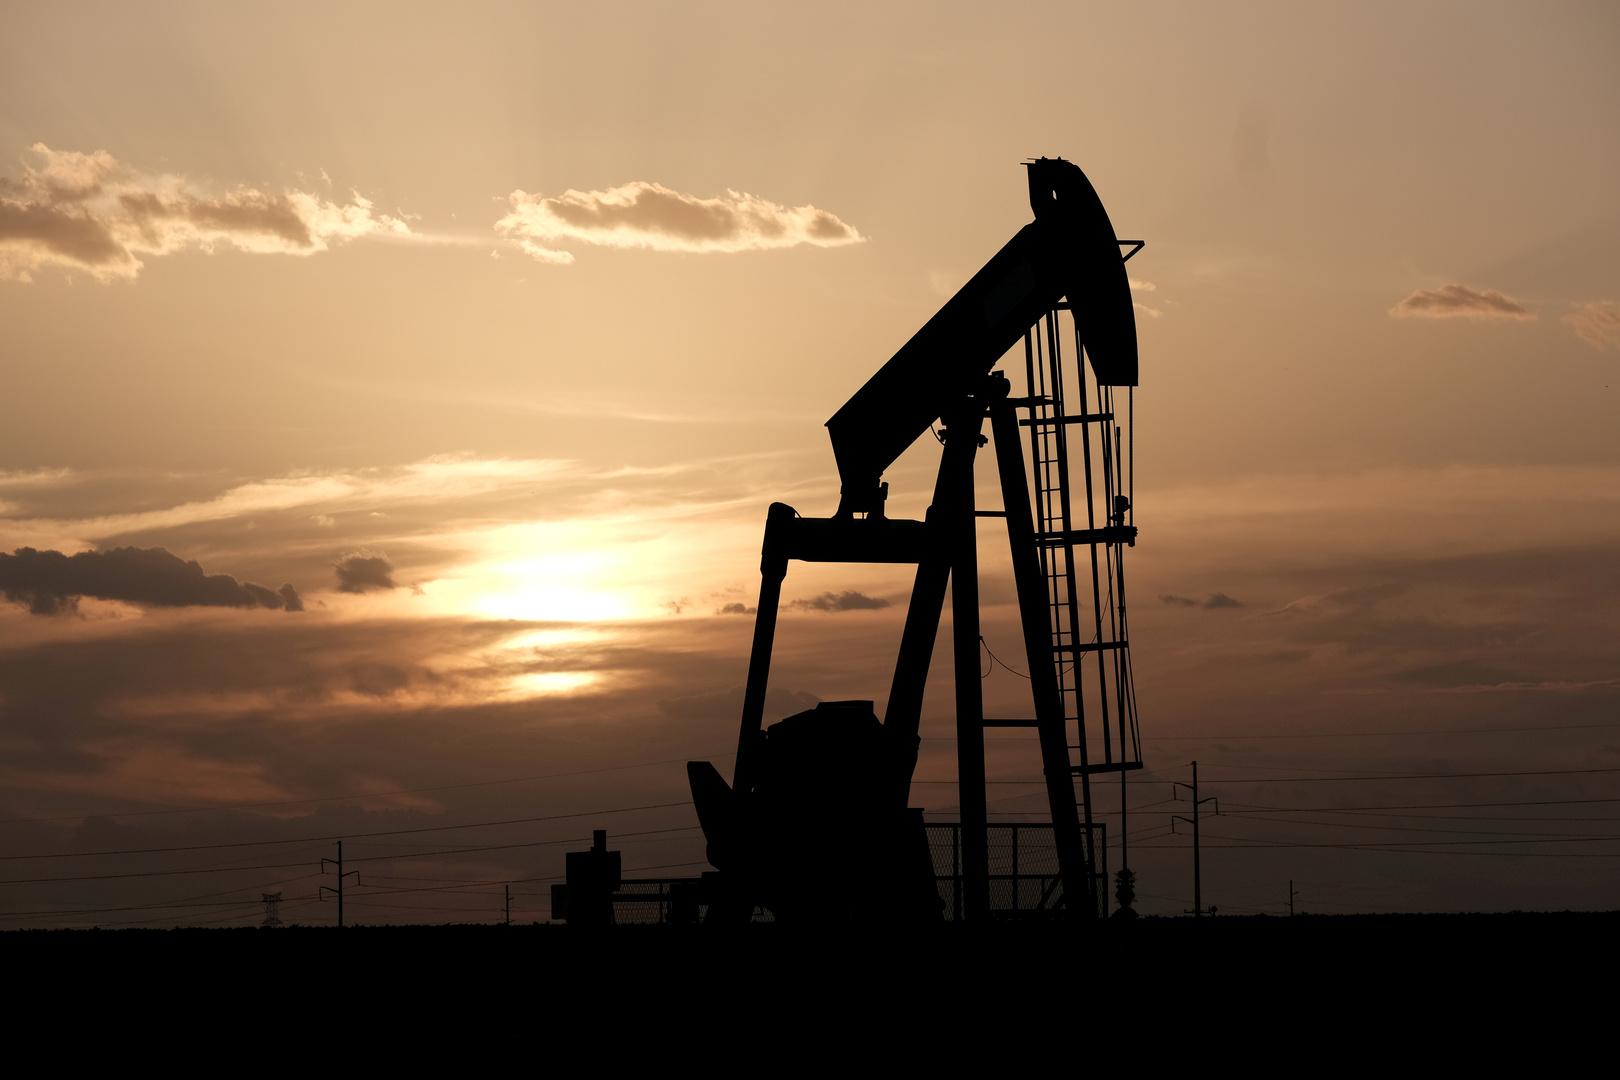 أسعار النفط ترتفع إلى 55 دولارا للبرميل لأول مرة منذ 10 أشهر